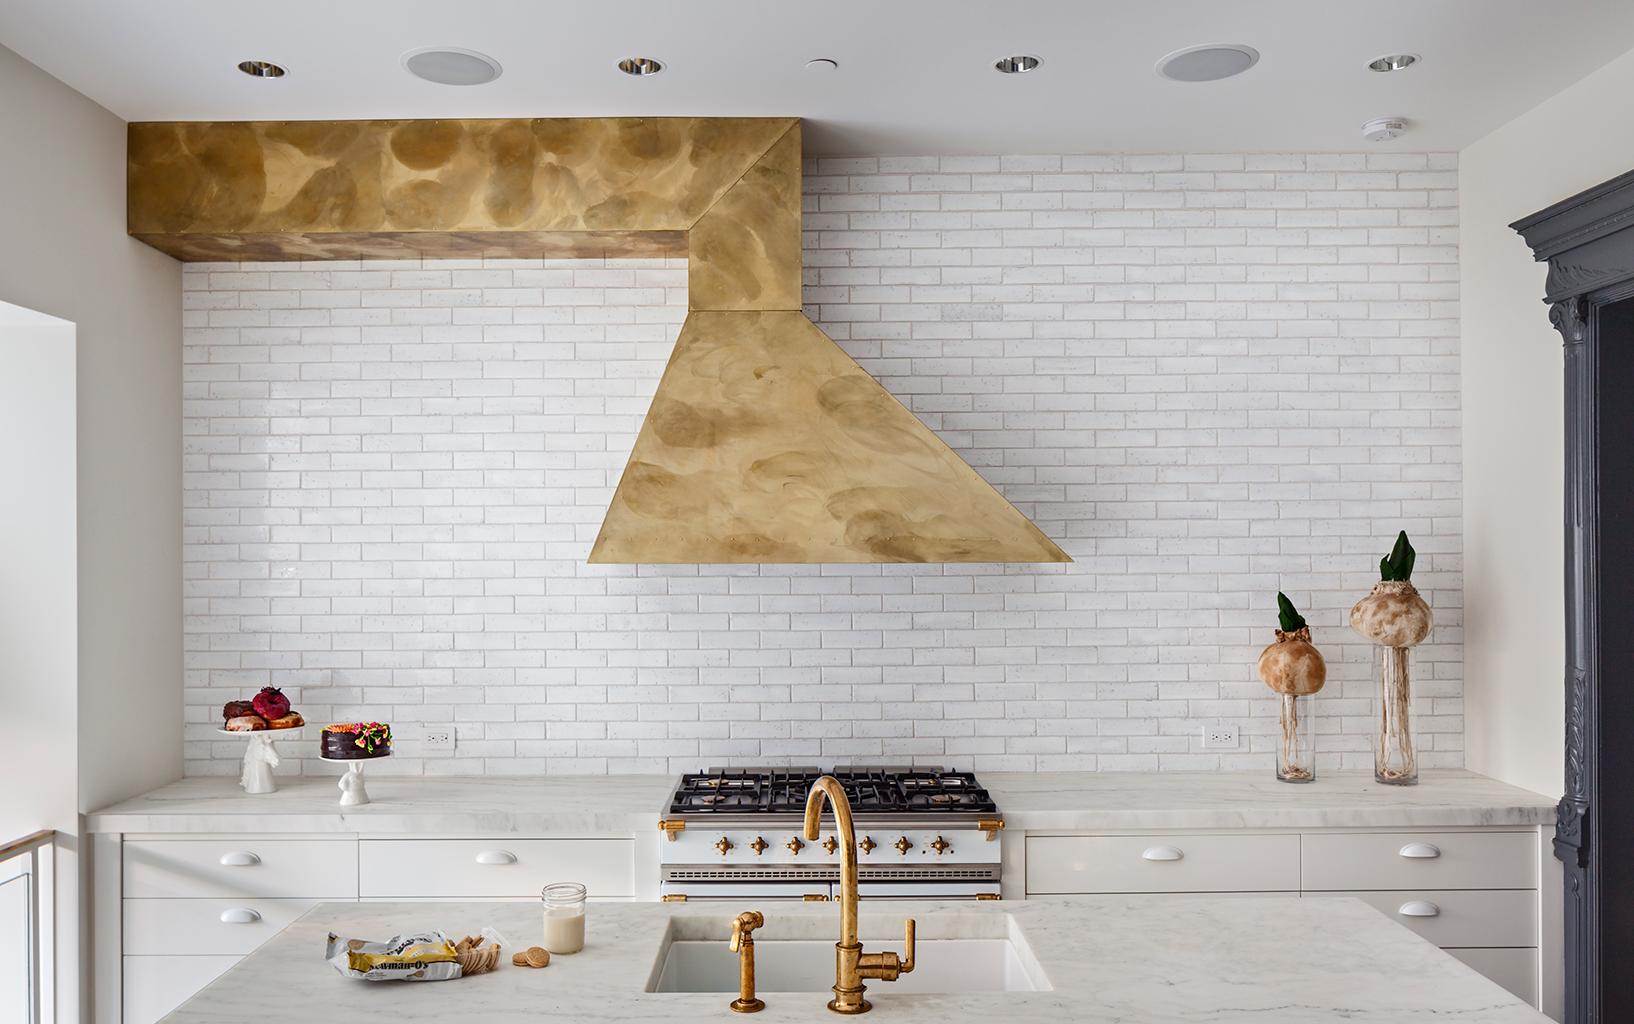 Park Slope kitchen by CWB Architects